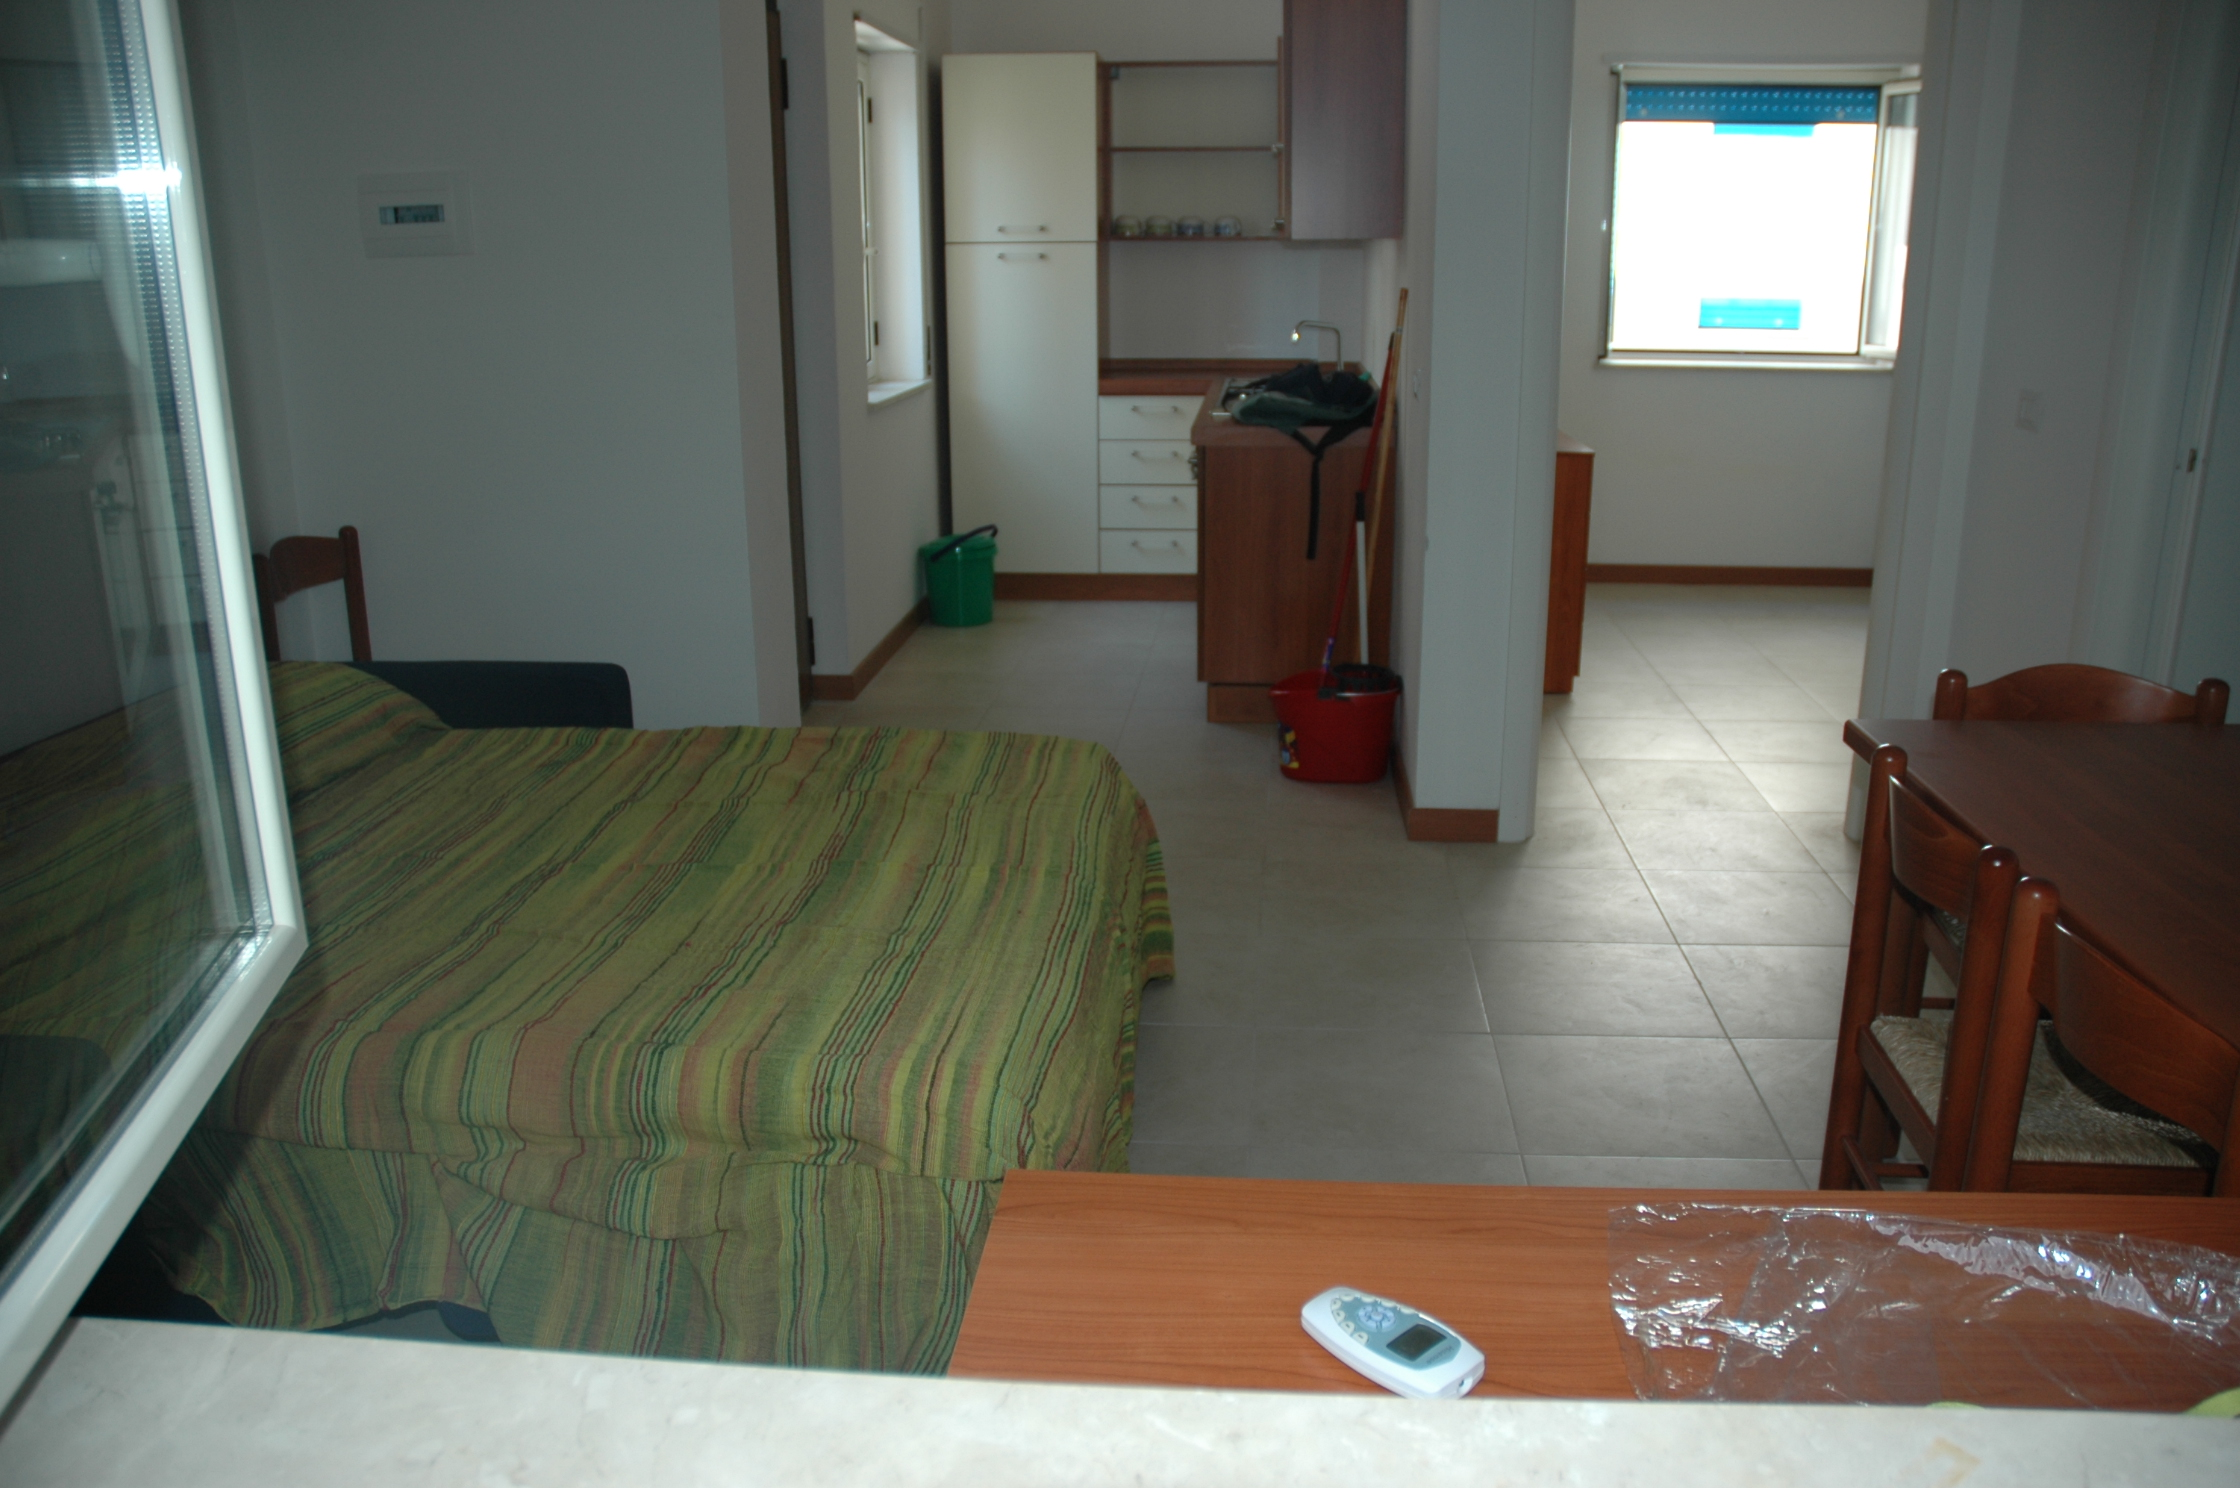 Soggiorno con divano letto matrimoniale / Dining room with sofa bed